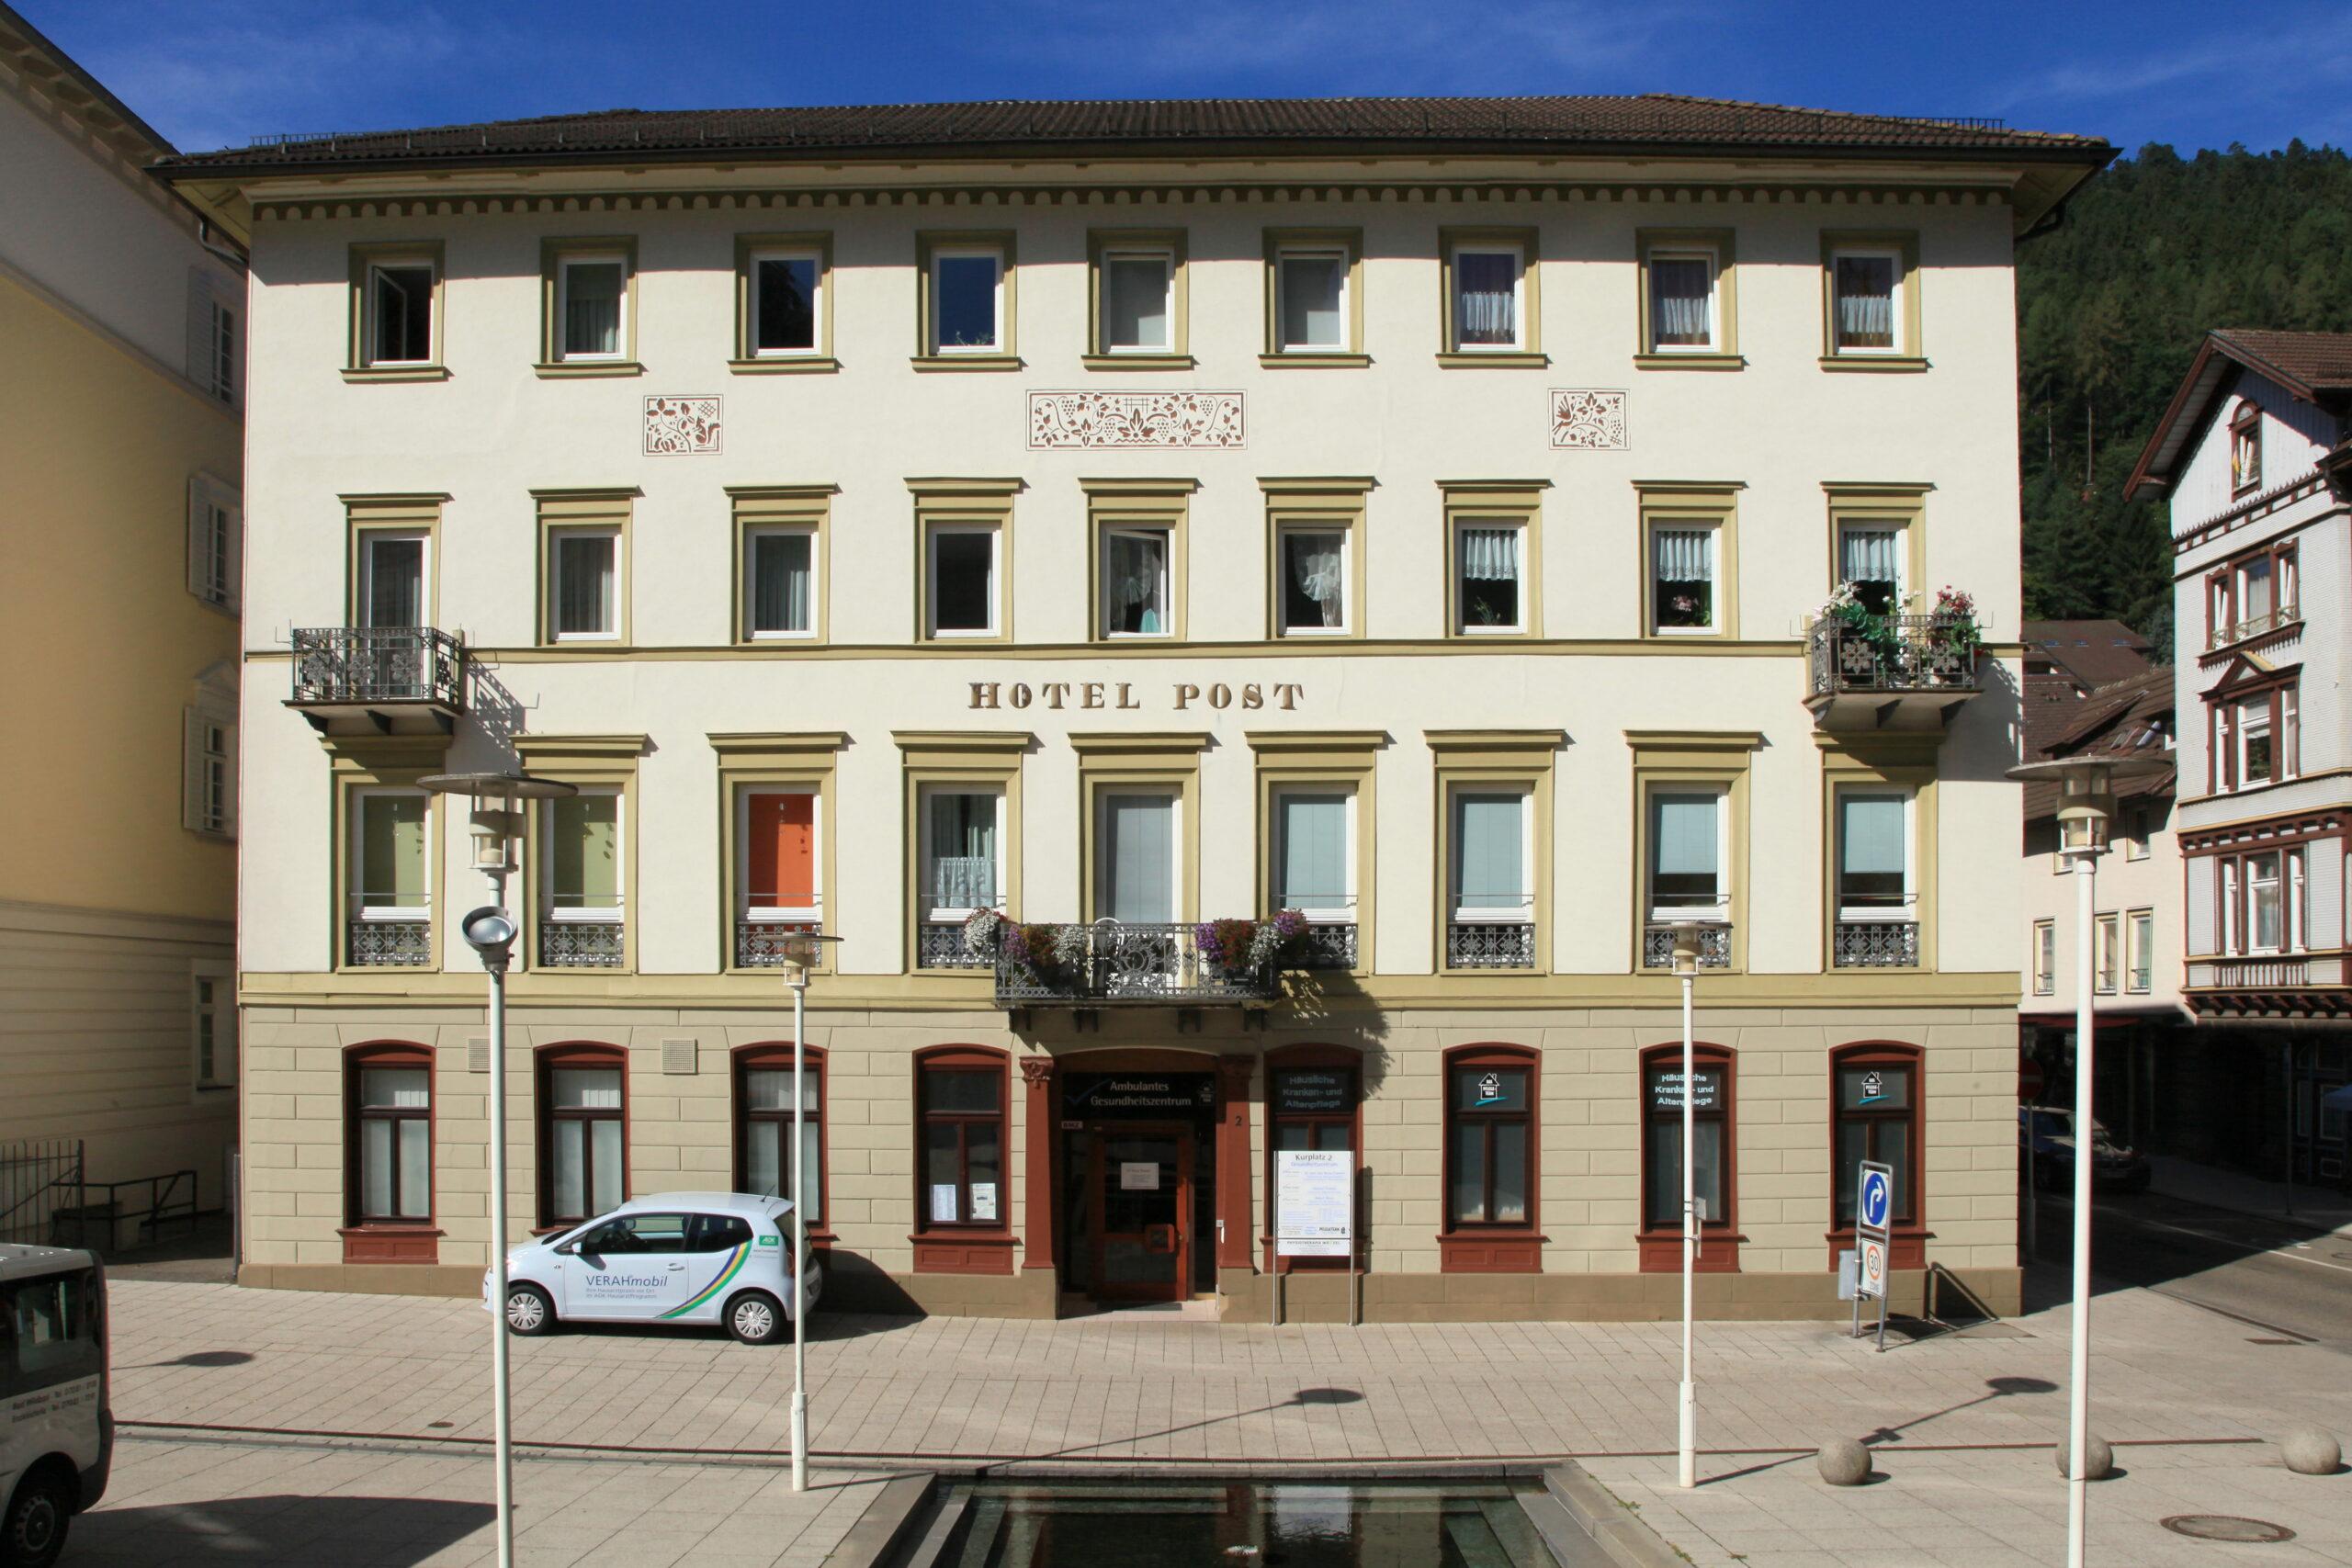 Full Size of Bad Wildbad Hotel Filebad Kurplatz 2hotel Post 01 Iesjpg Wikimedia Sobernheim Waschbecken Hotels In Dürkheim Jagdhof Füssing Bodenfliesen Waldsee Zuschuss Bad Bad Wildbad Hotel